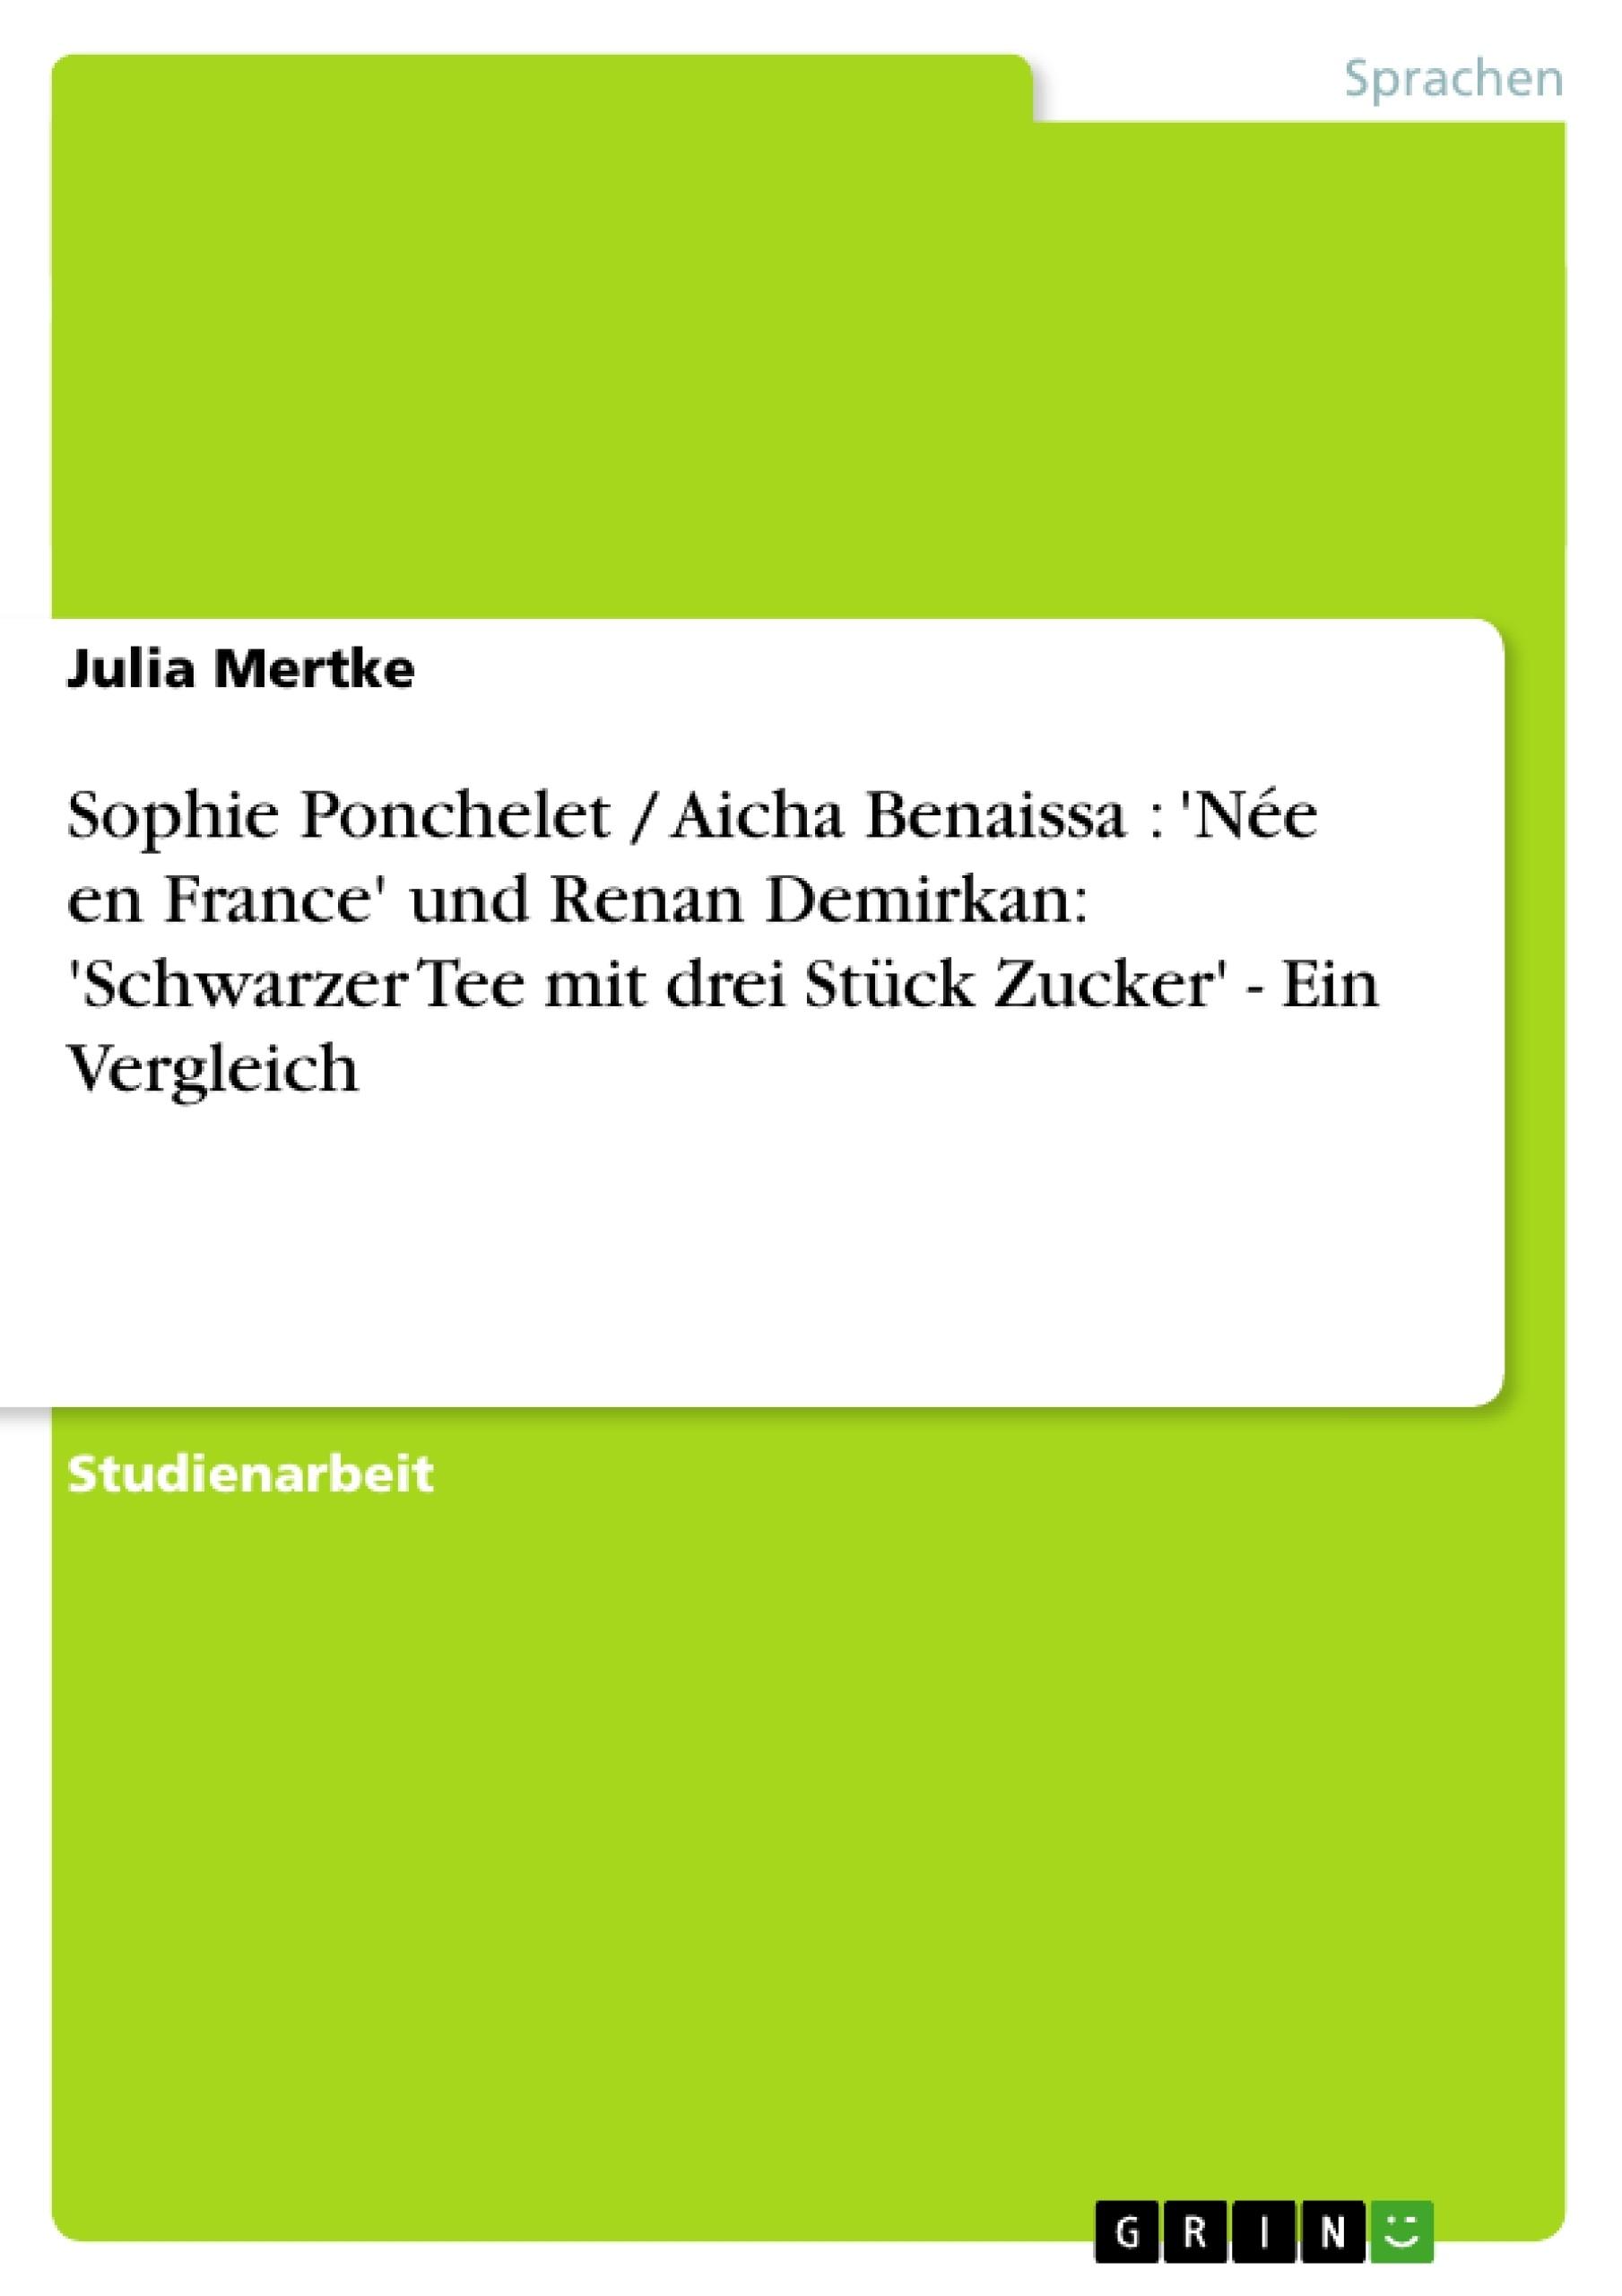 Titel: Sophie Ponchelet / Aicha Benaissa : 'Née en France' und Renan Demirkan: 'Schwarzer Tee mit drei Stück Zucker' - Ein Vergleich